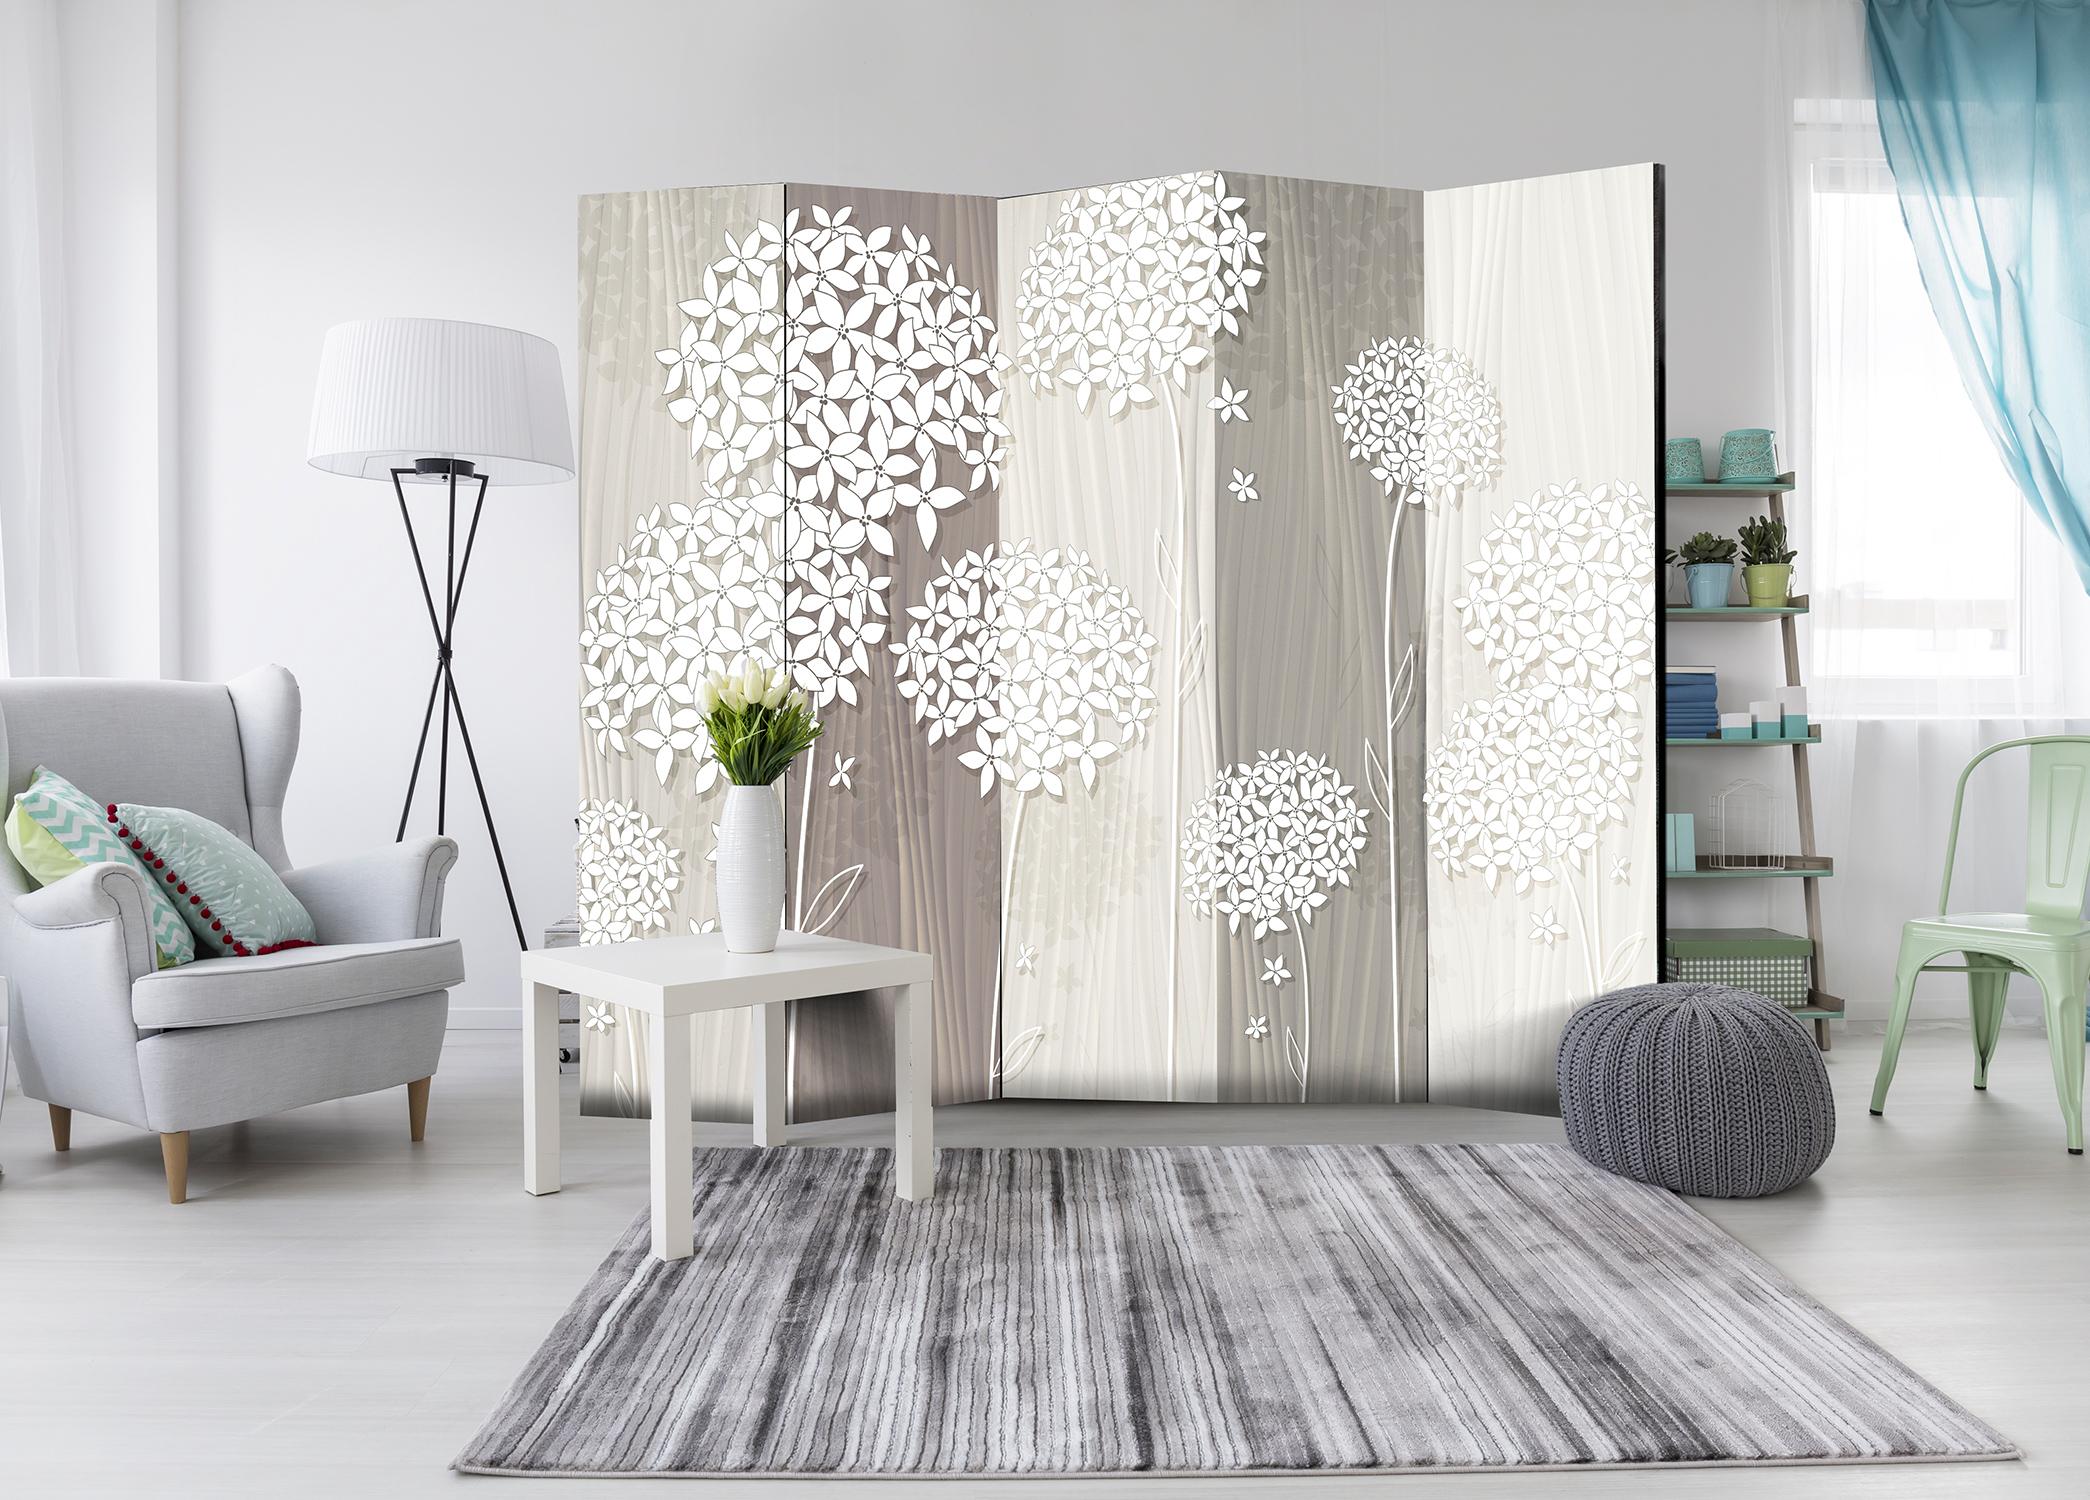 Deko Paravent Raumteiler Trennwand Spanische Wand Blumen Holz Optik 2 Formate  eBay